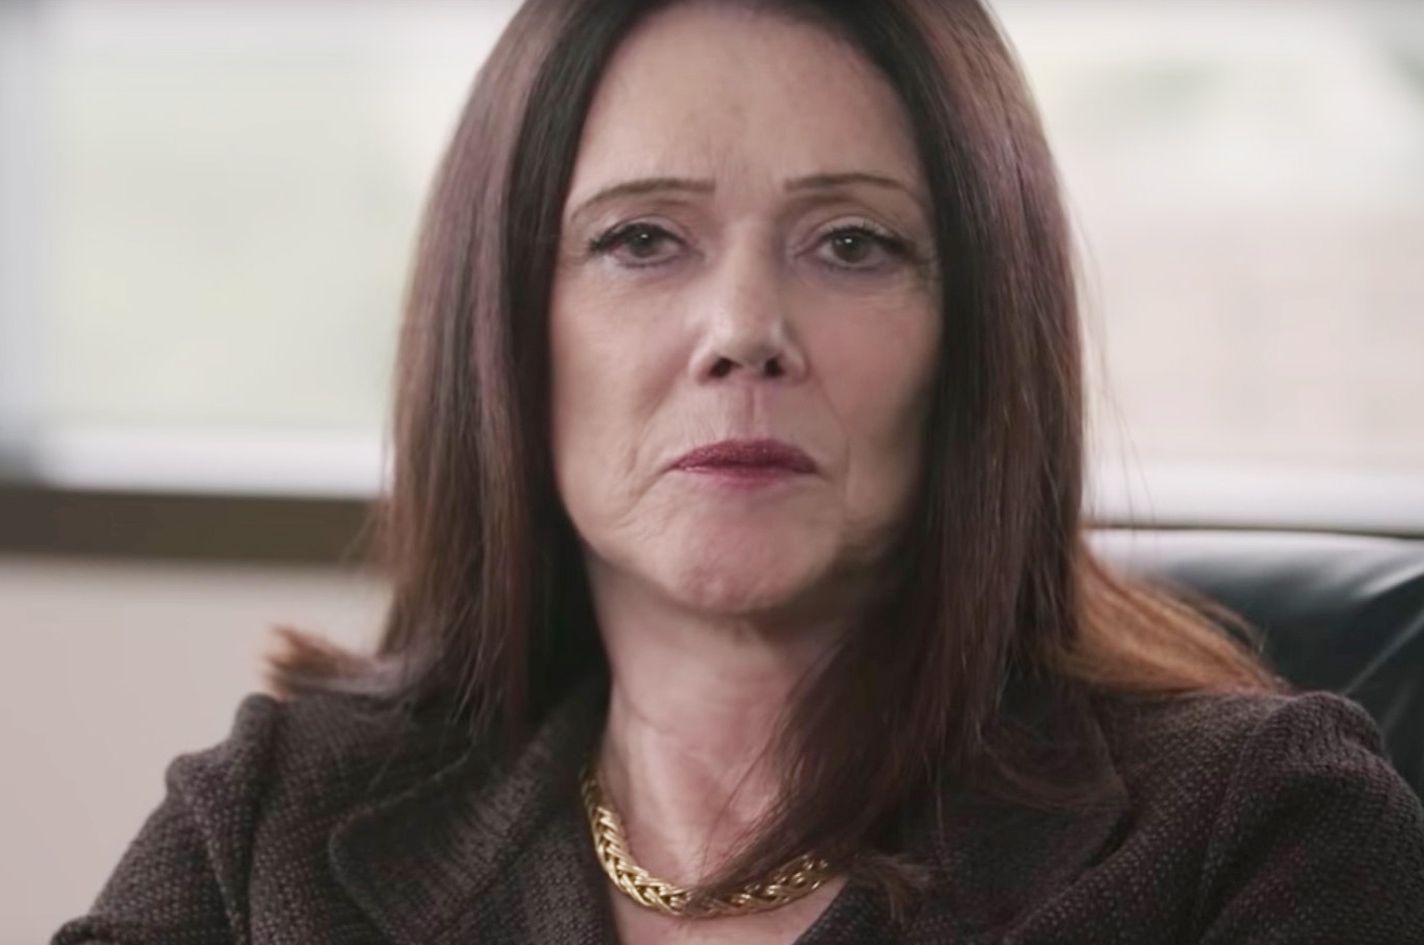 Kathleen Zellner, Making a Murderer part 2, Steven Avery